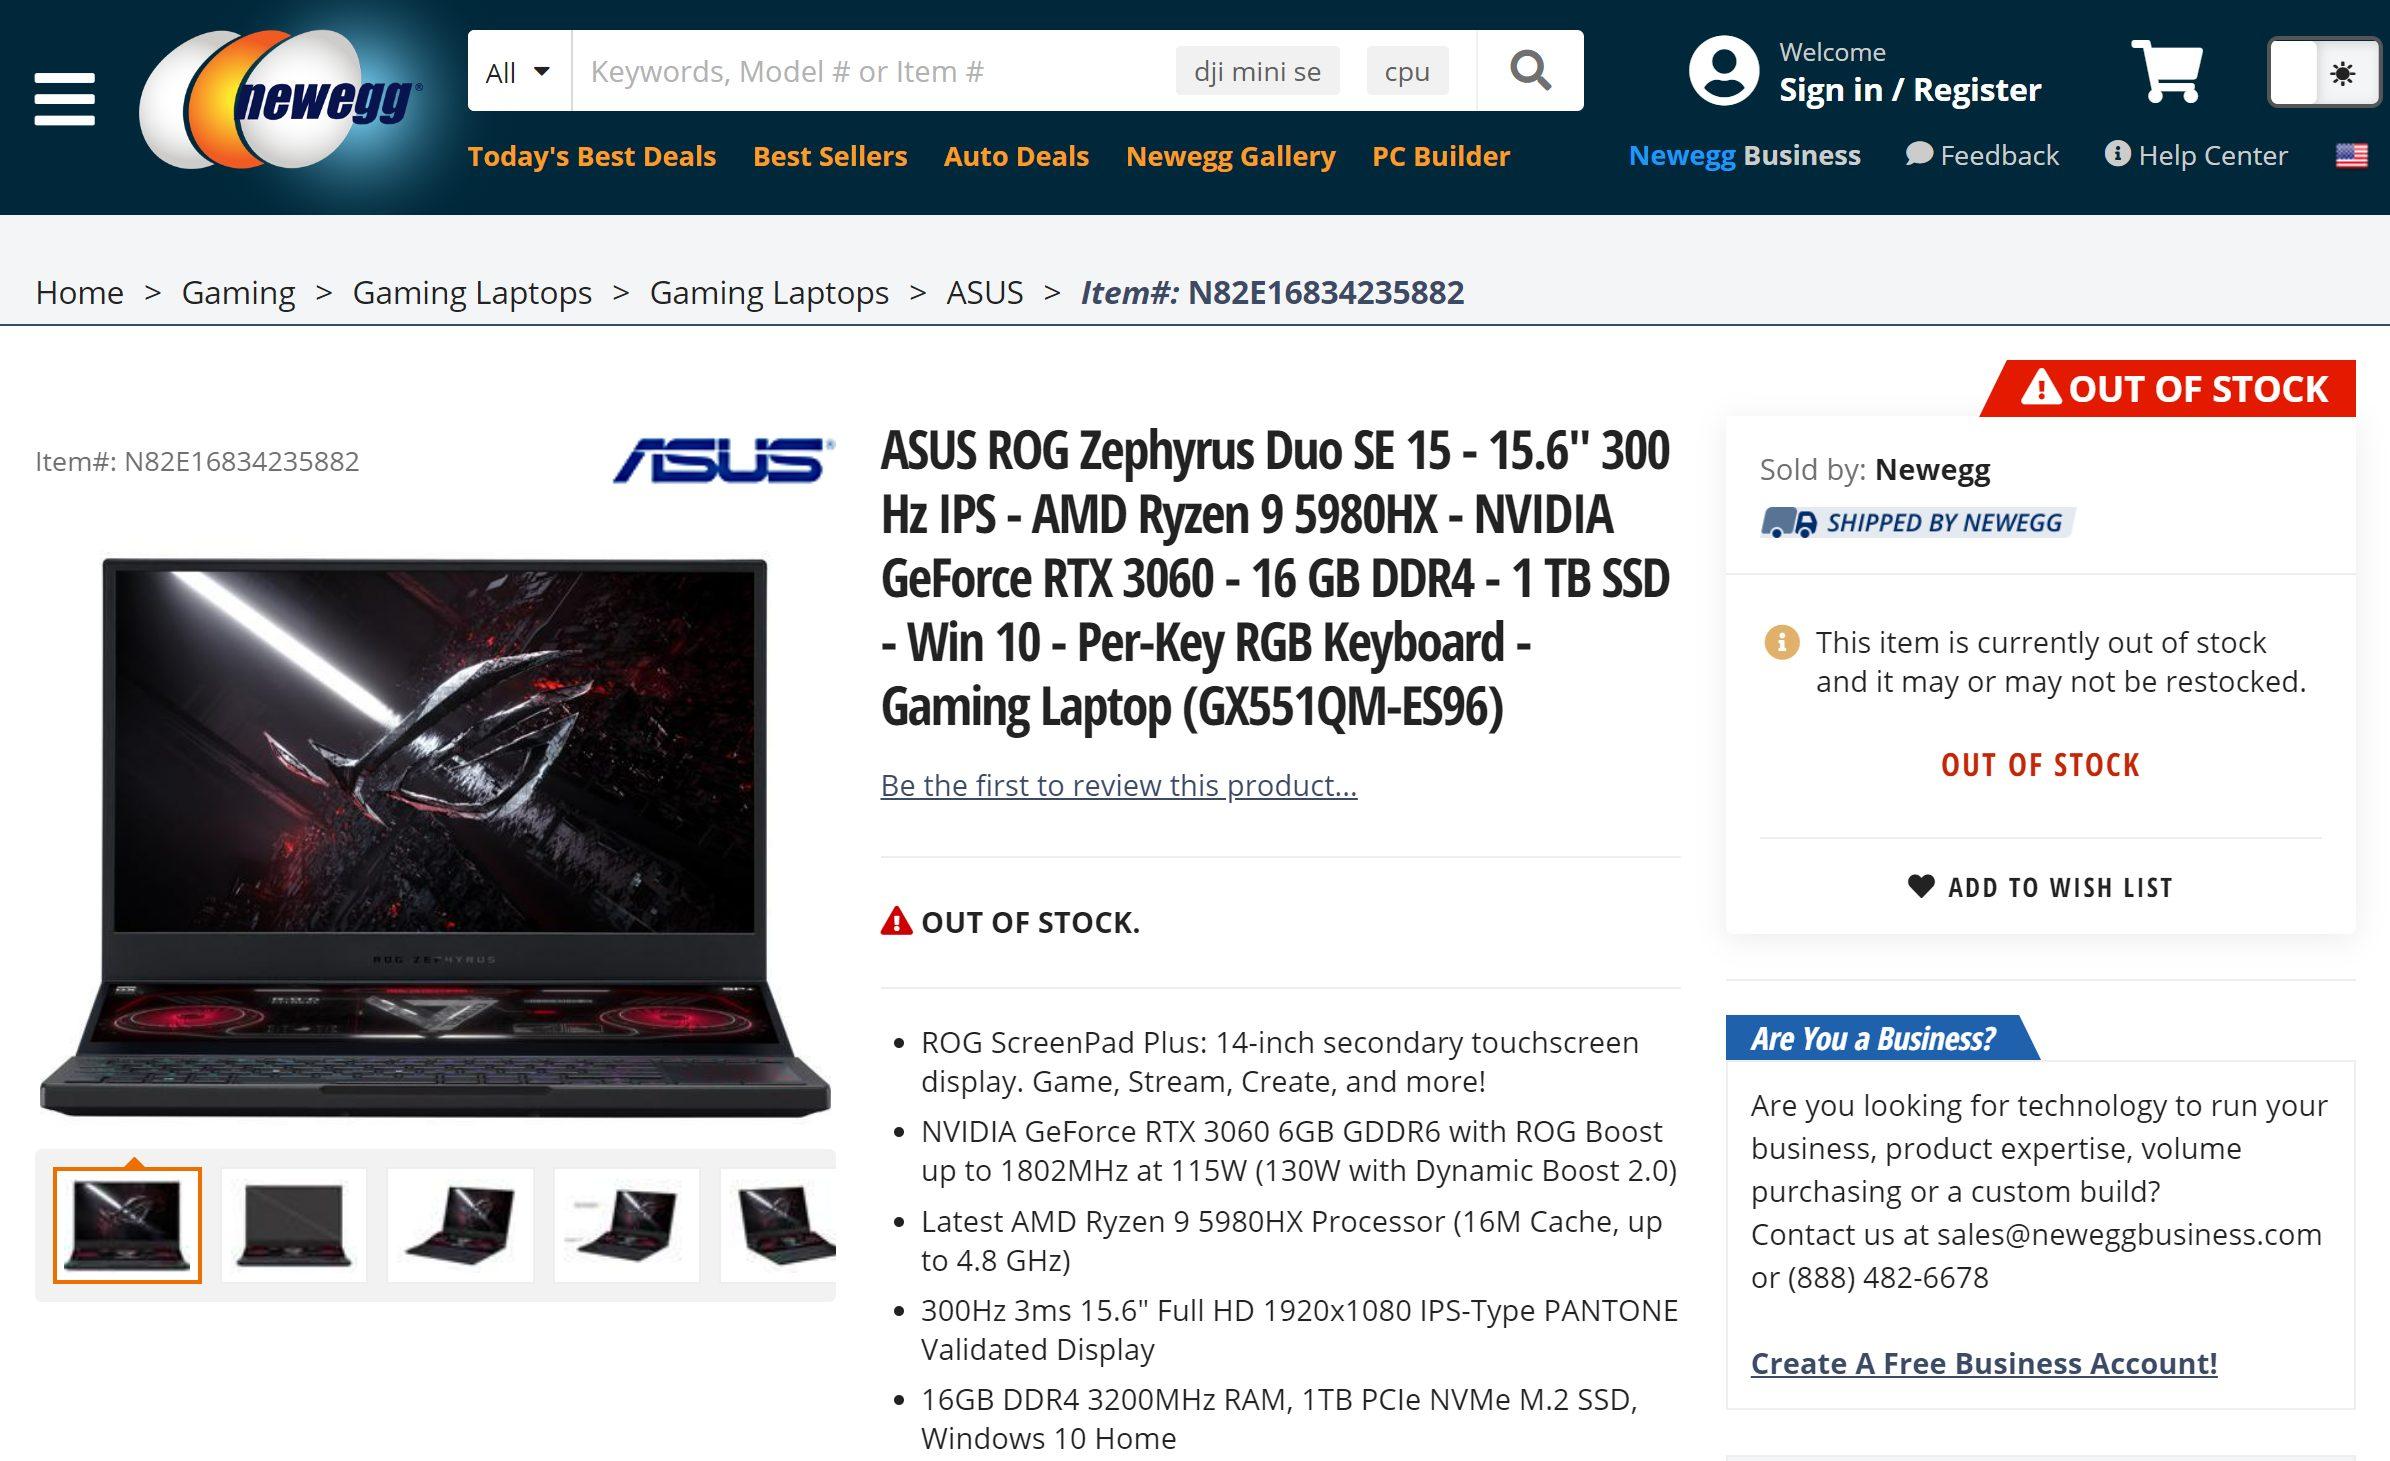 ASUS оснастила ноутбук ROG Zephyrus 15 Duo SE флагманским процессором AMD Ryzen 9 5980HX